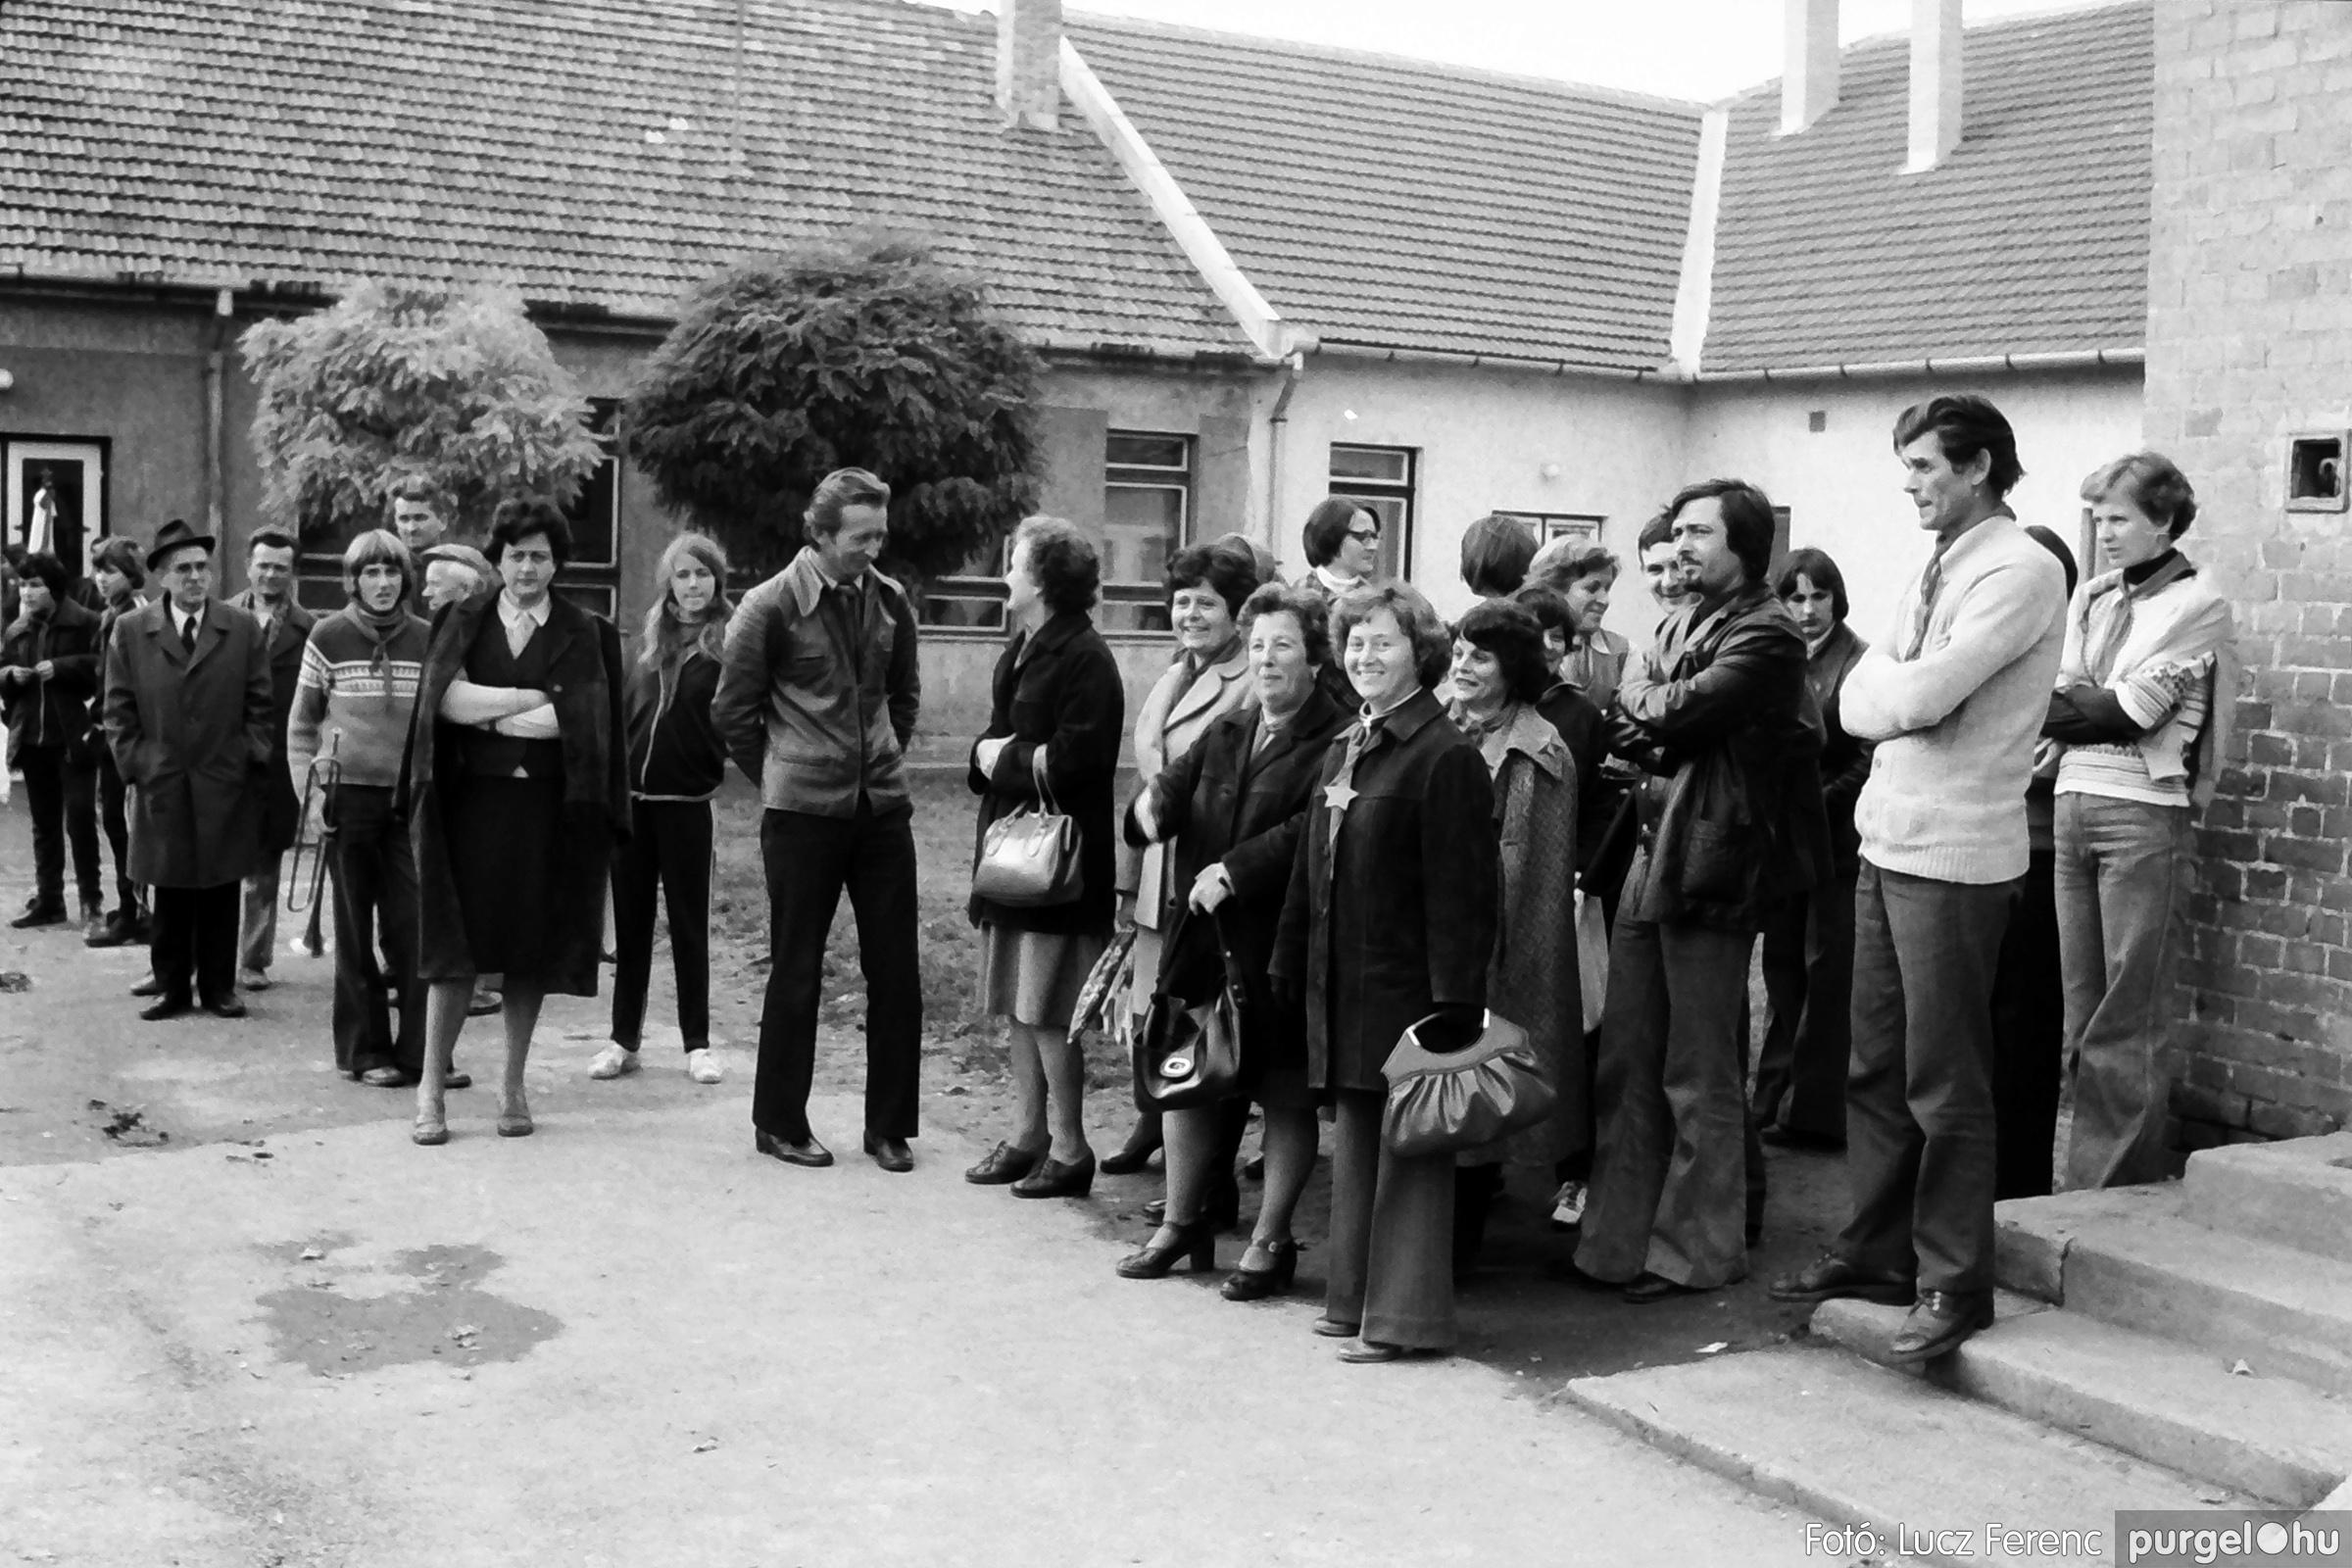 092. 1977. Úttörő rendezvény a Központi Általános Iskolában 012. - Fotó: Lucz Ferenc.jpg